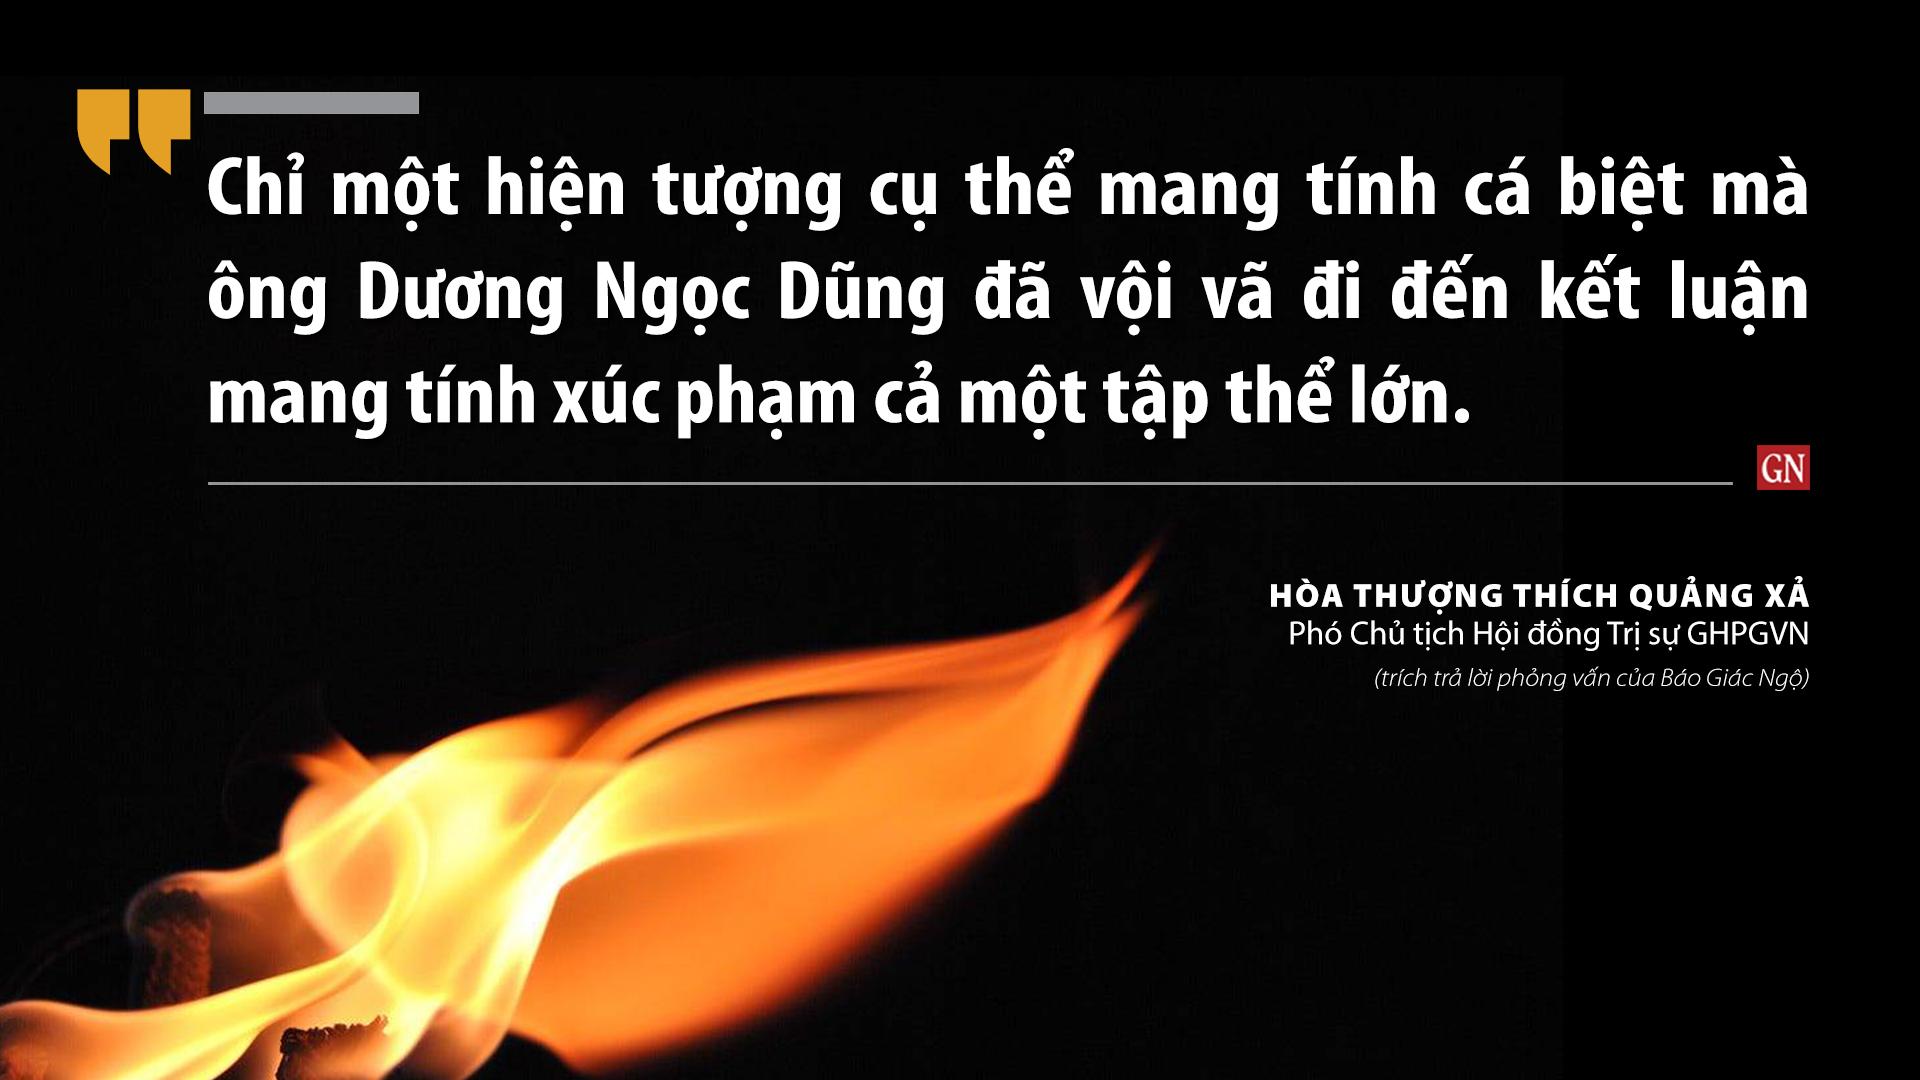 nguoiphattu_com_bao_zing_no_phat_giao_mot_loi_xin_loiaa.jpg